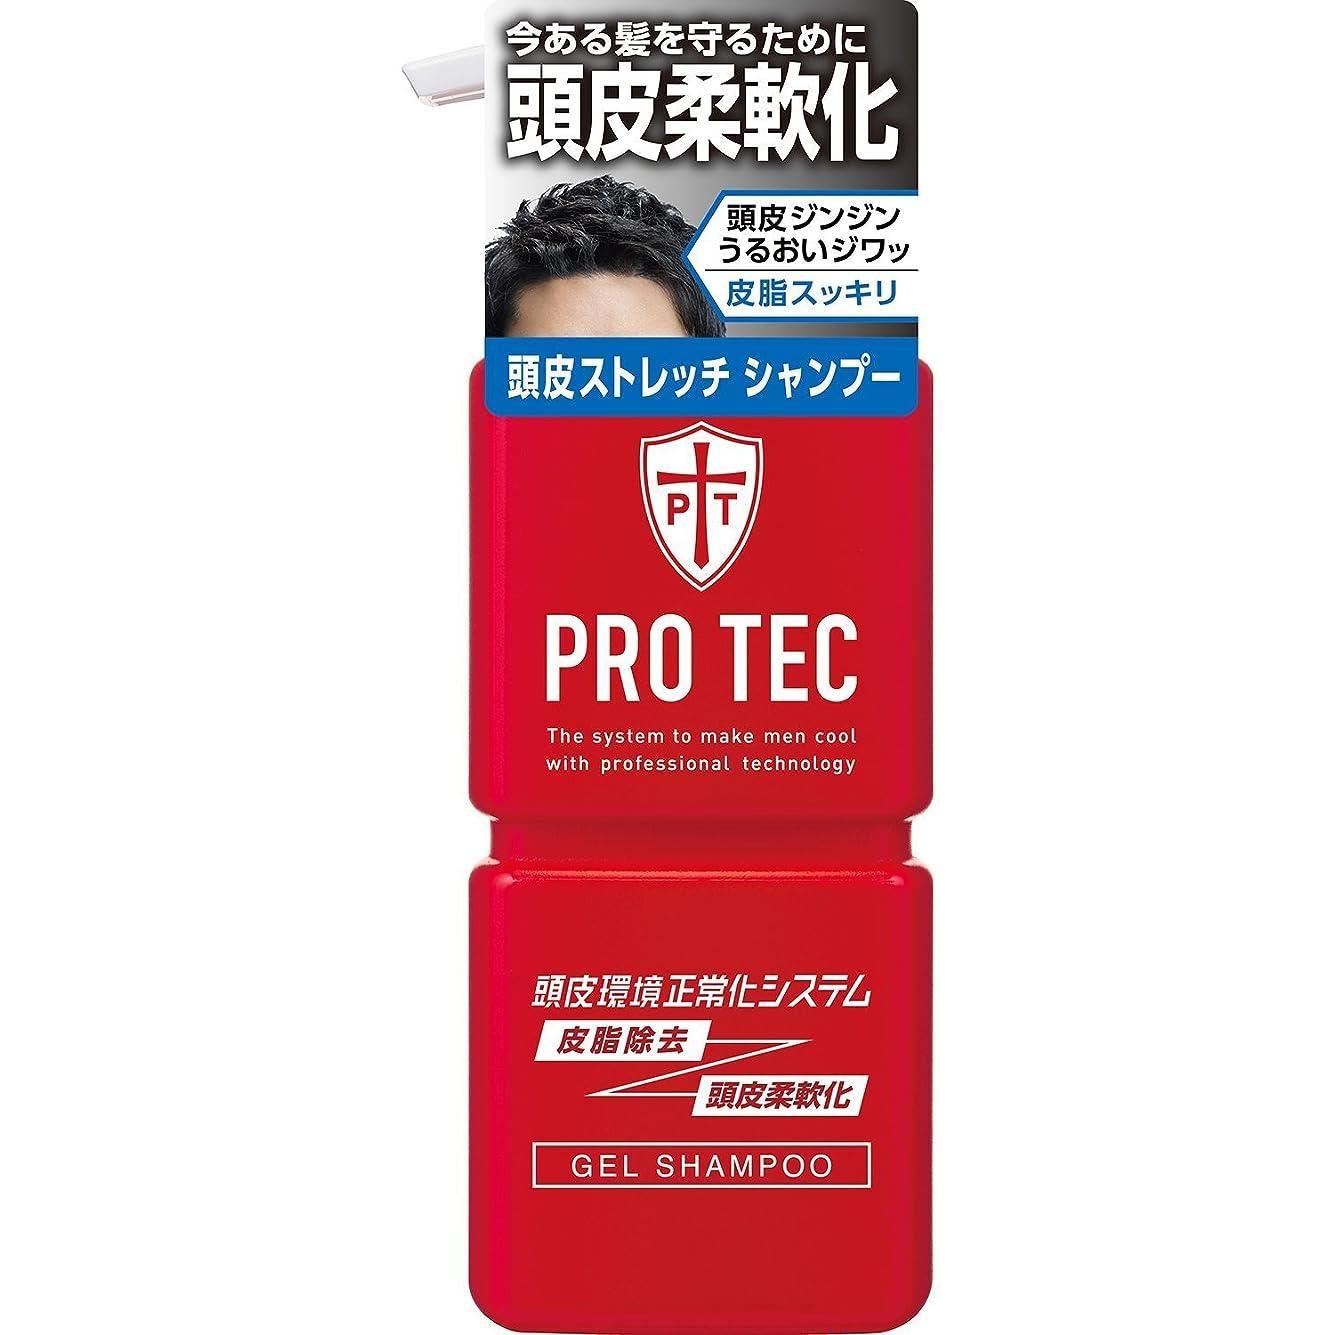 脅迫ブレイズ羊のPRO TEC(プロテク) 頭皮ストレッチ シャンプー 本体ポンプ 300g(医薬部外品)